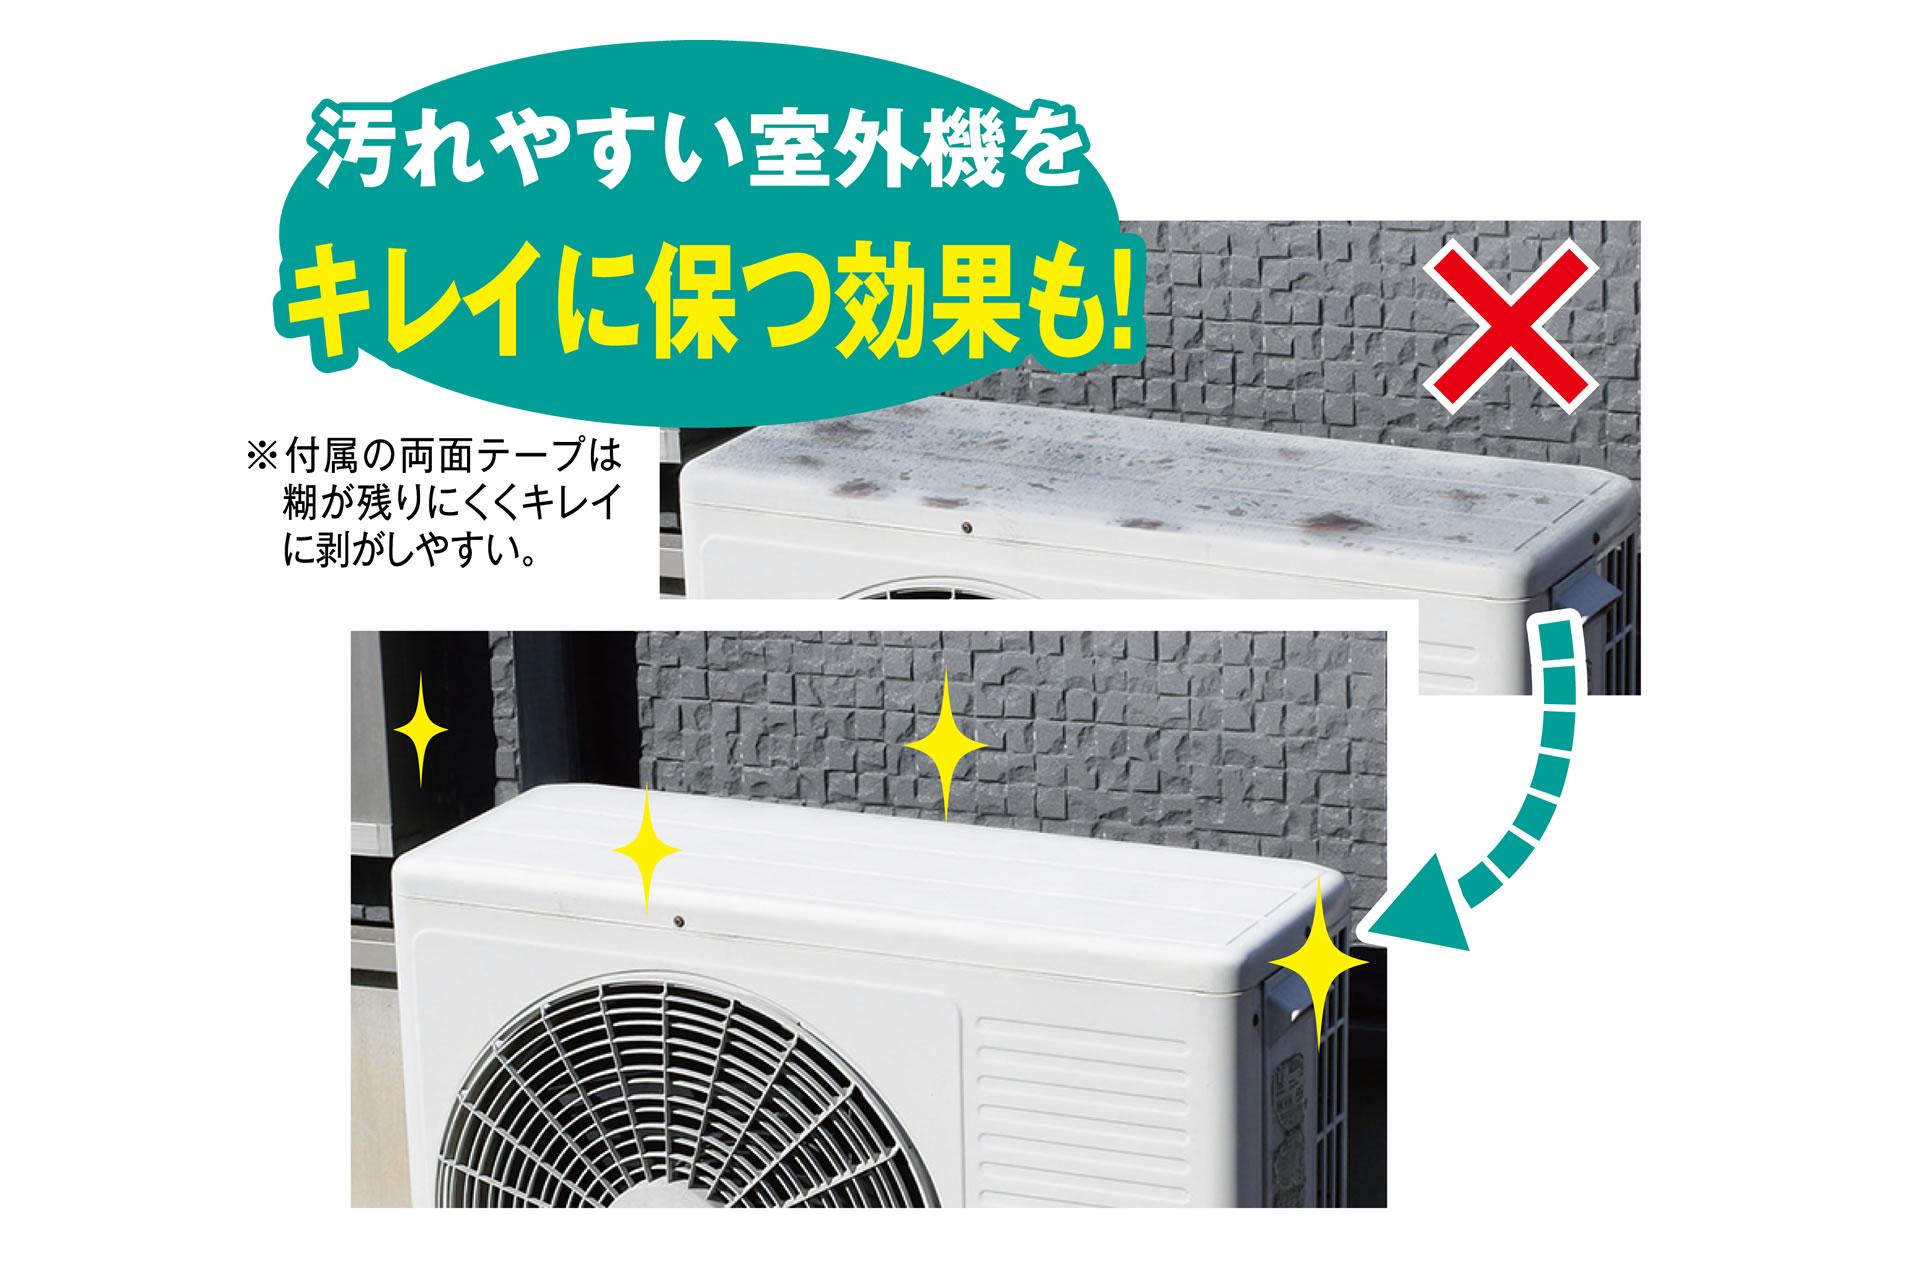 エアコン室外機用遮熱シート 3枚組